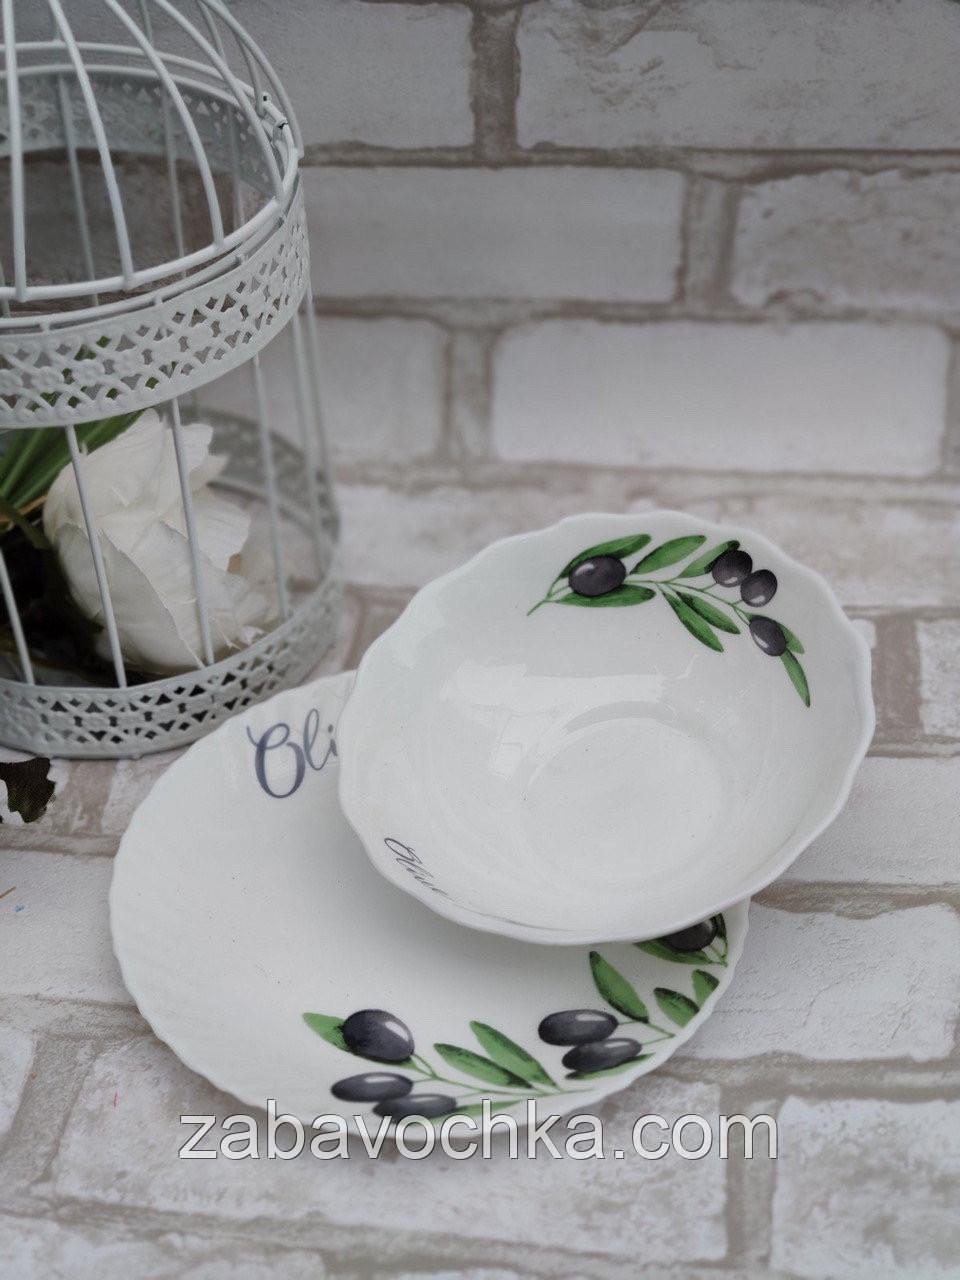 Салатниця зі склокераміки декорована оливками, діаметр 17,5 см (продаж лише упаковками, 6шт/уп)